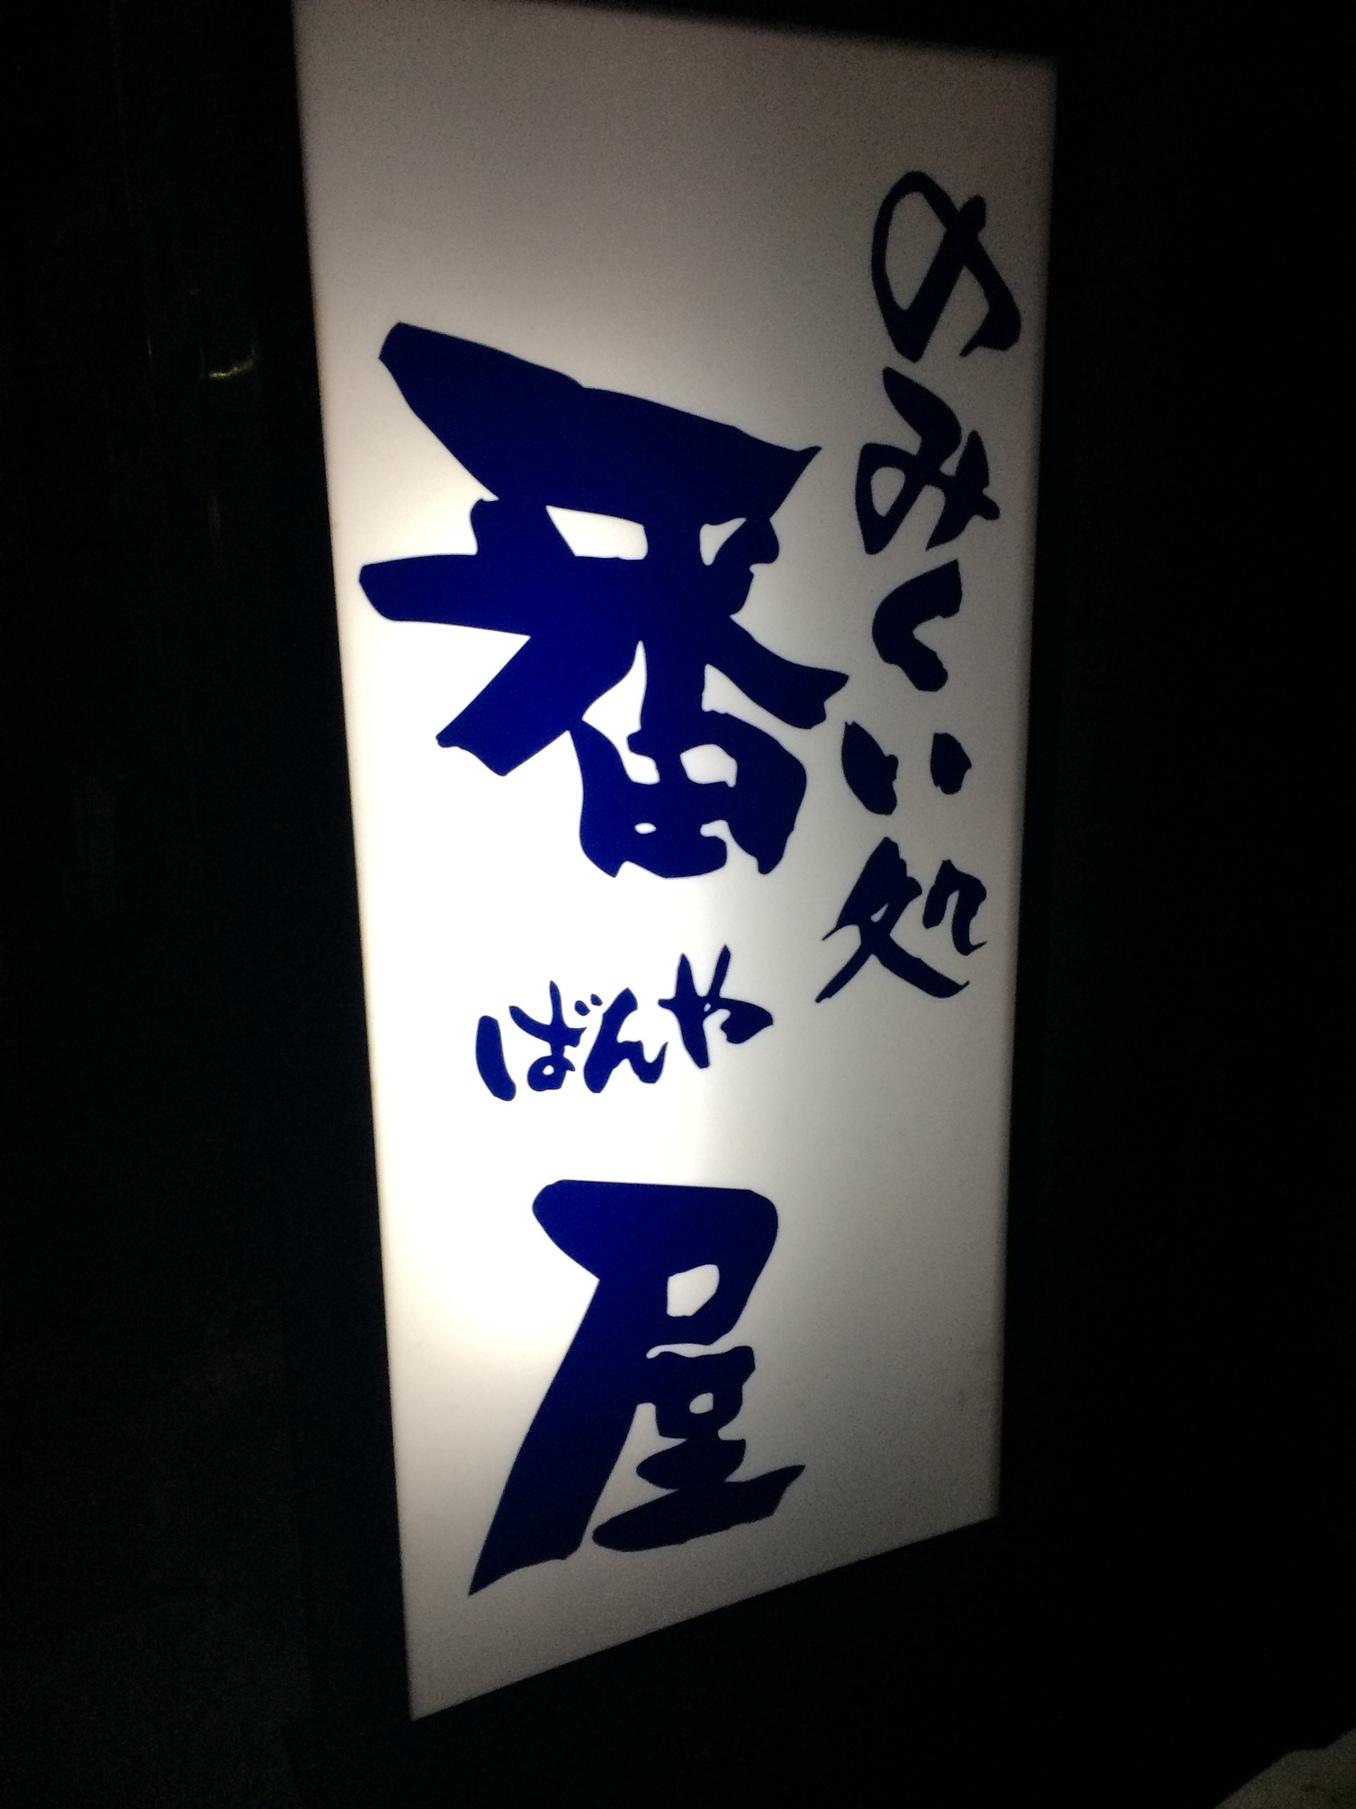 番屋 name=